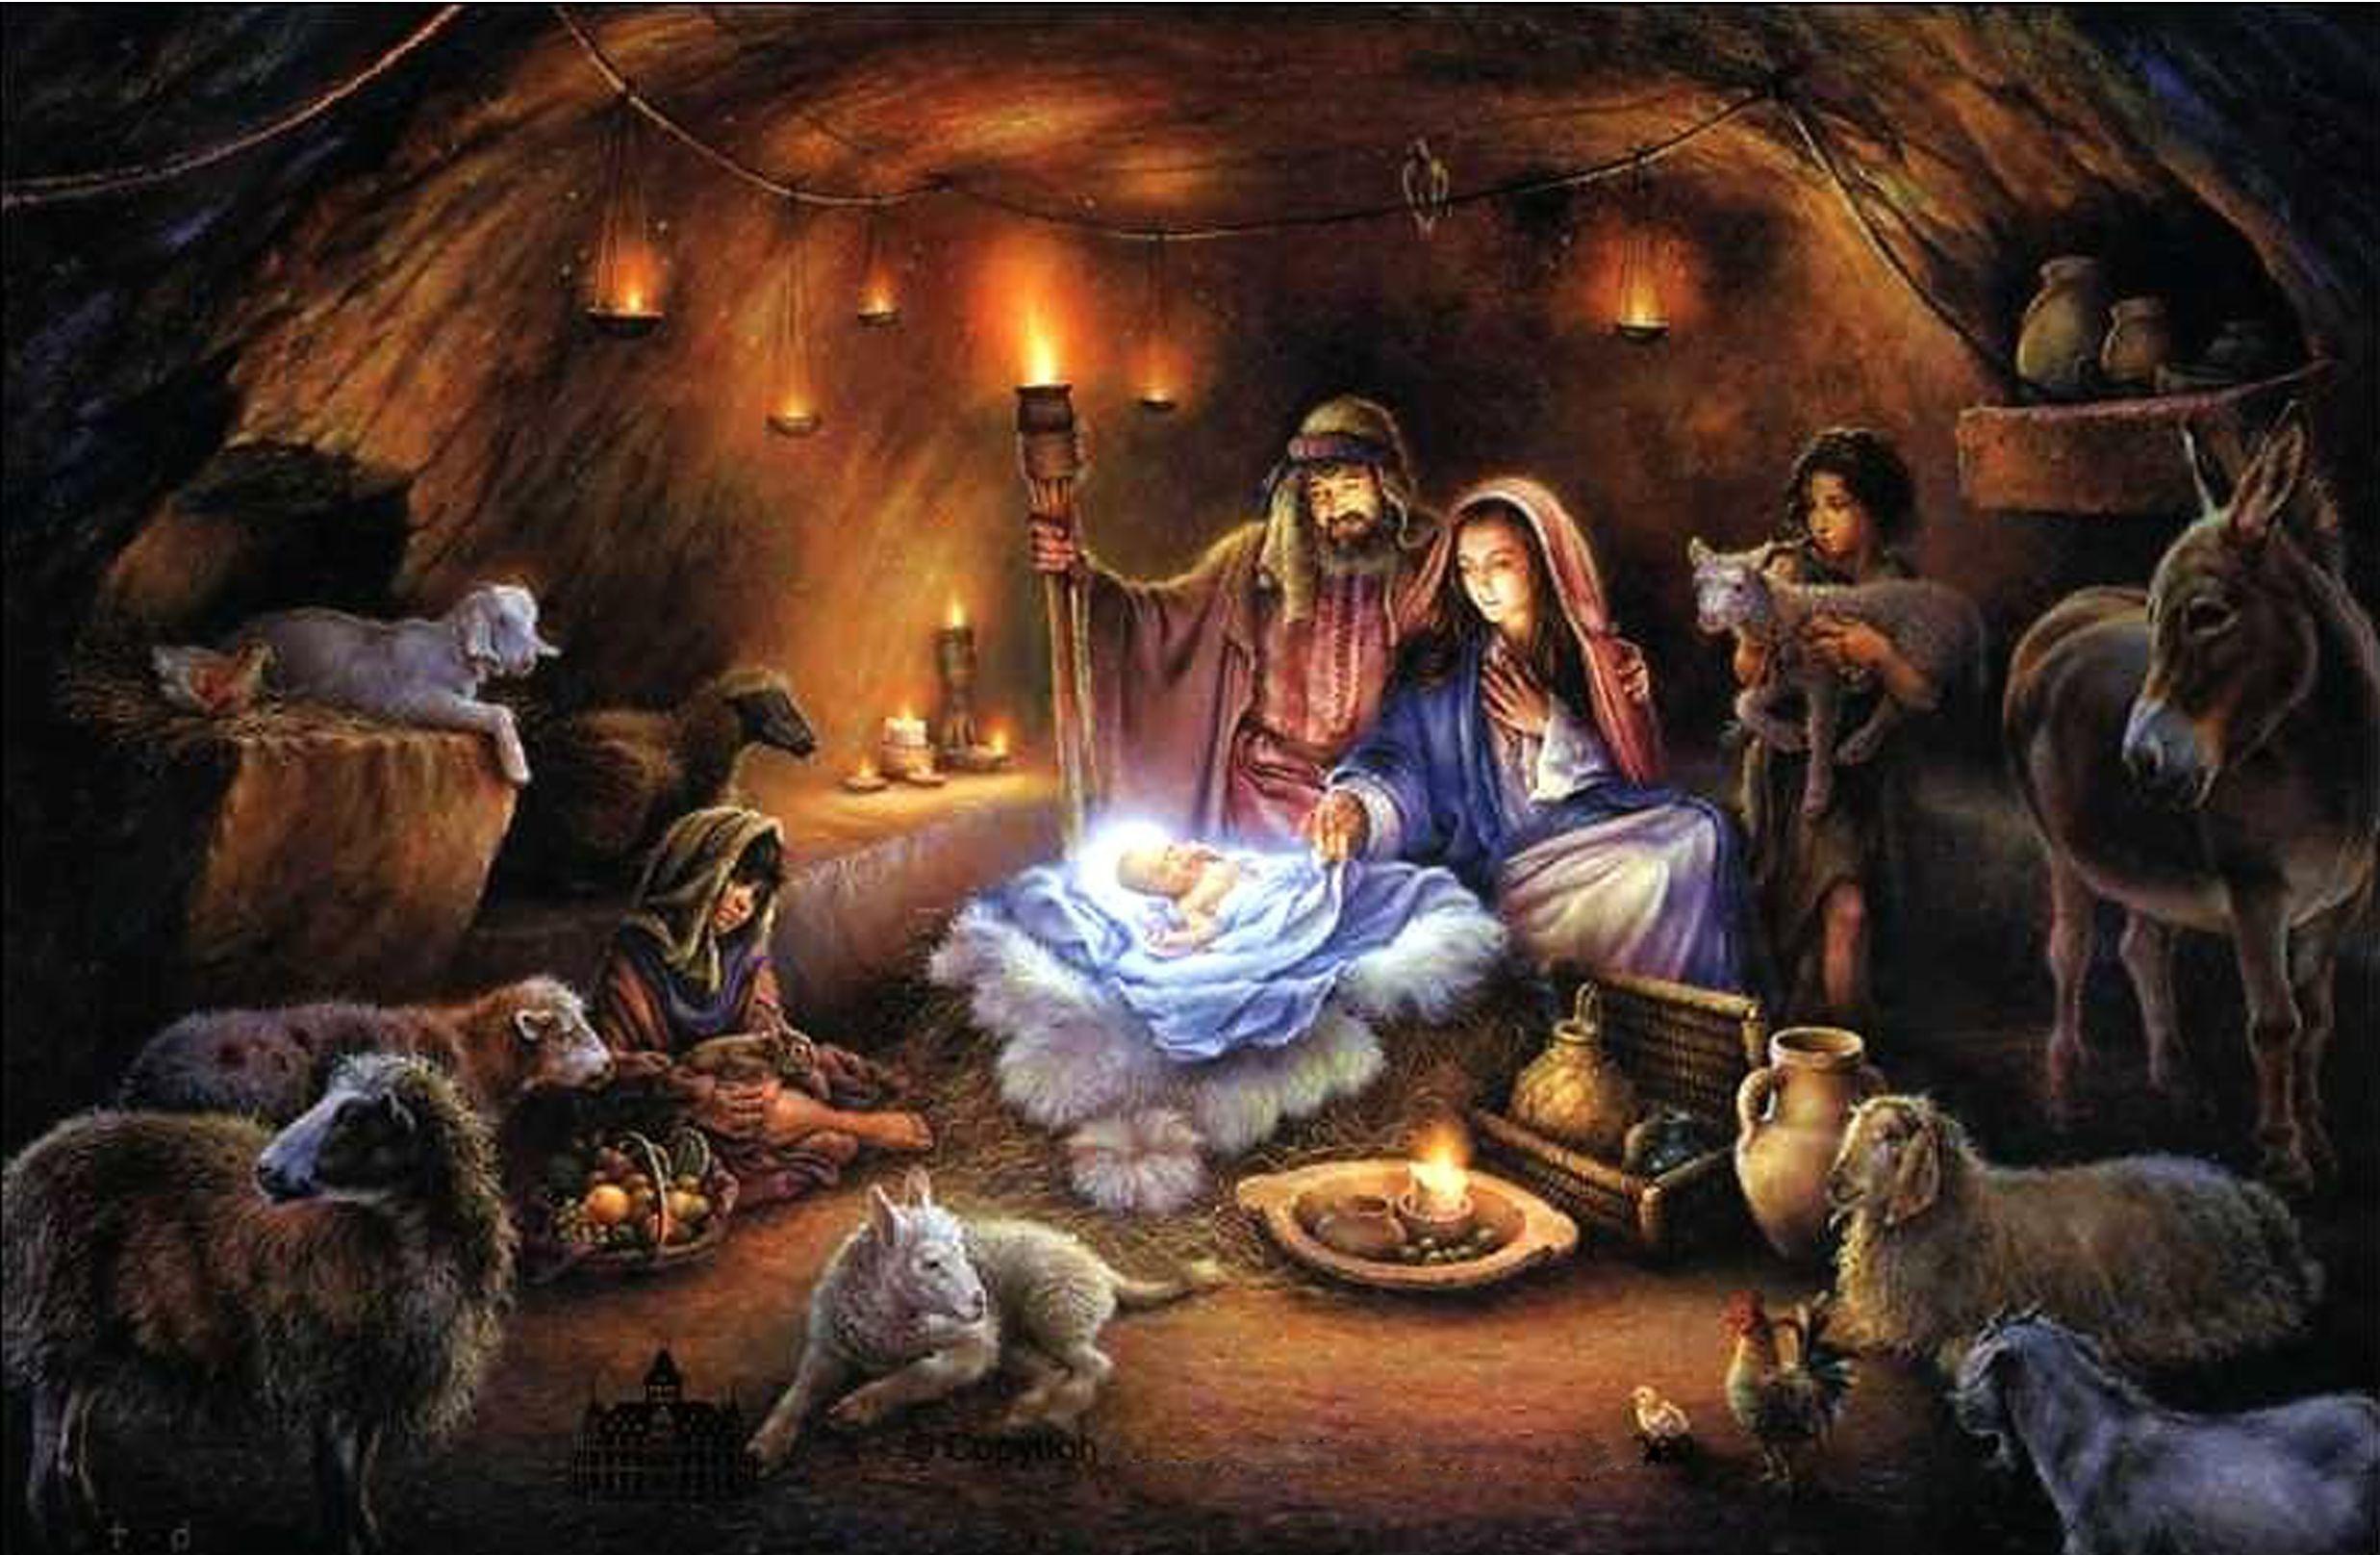 рождество христово картинки 2016